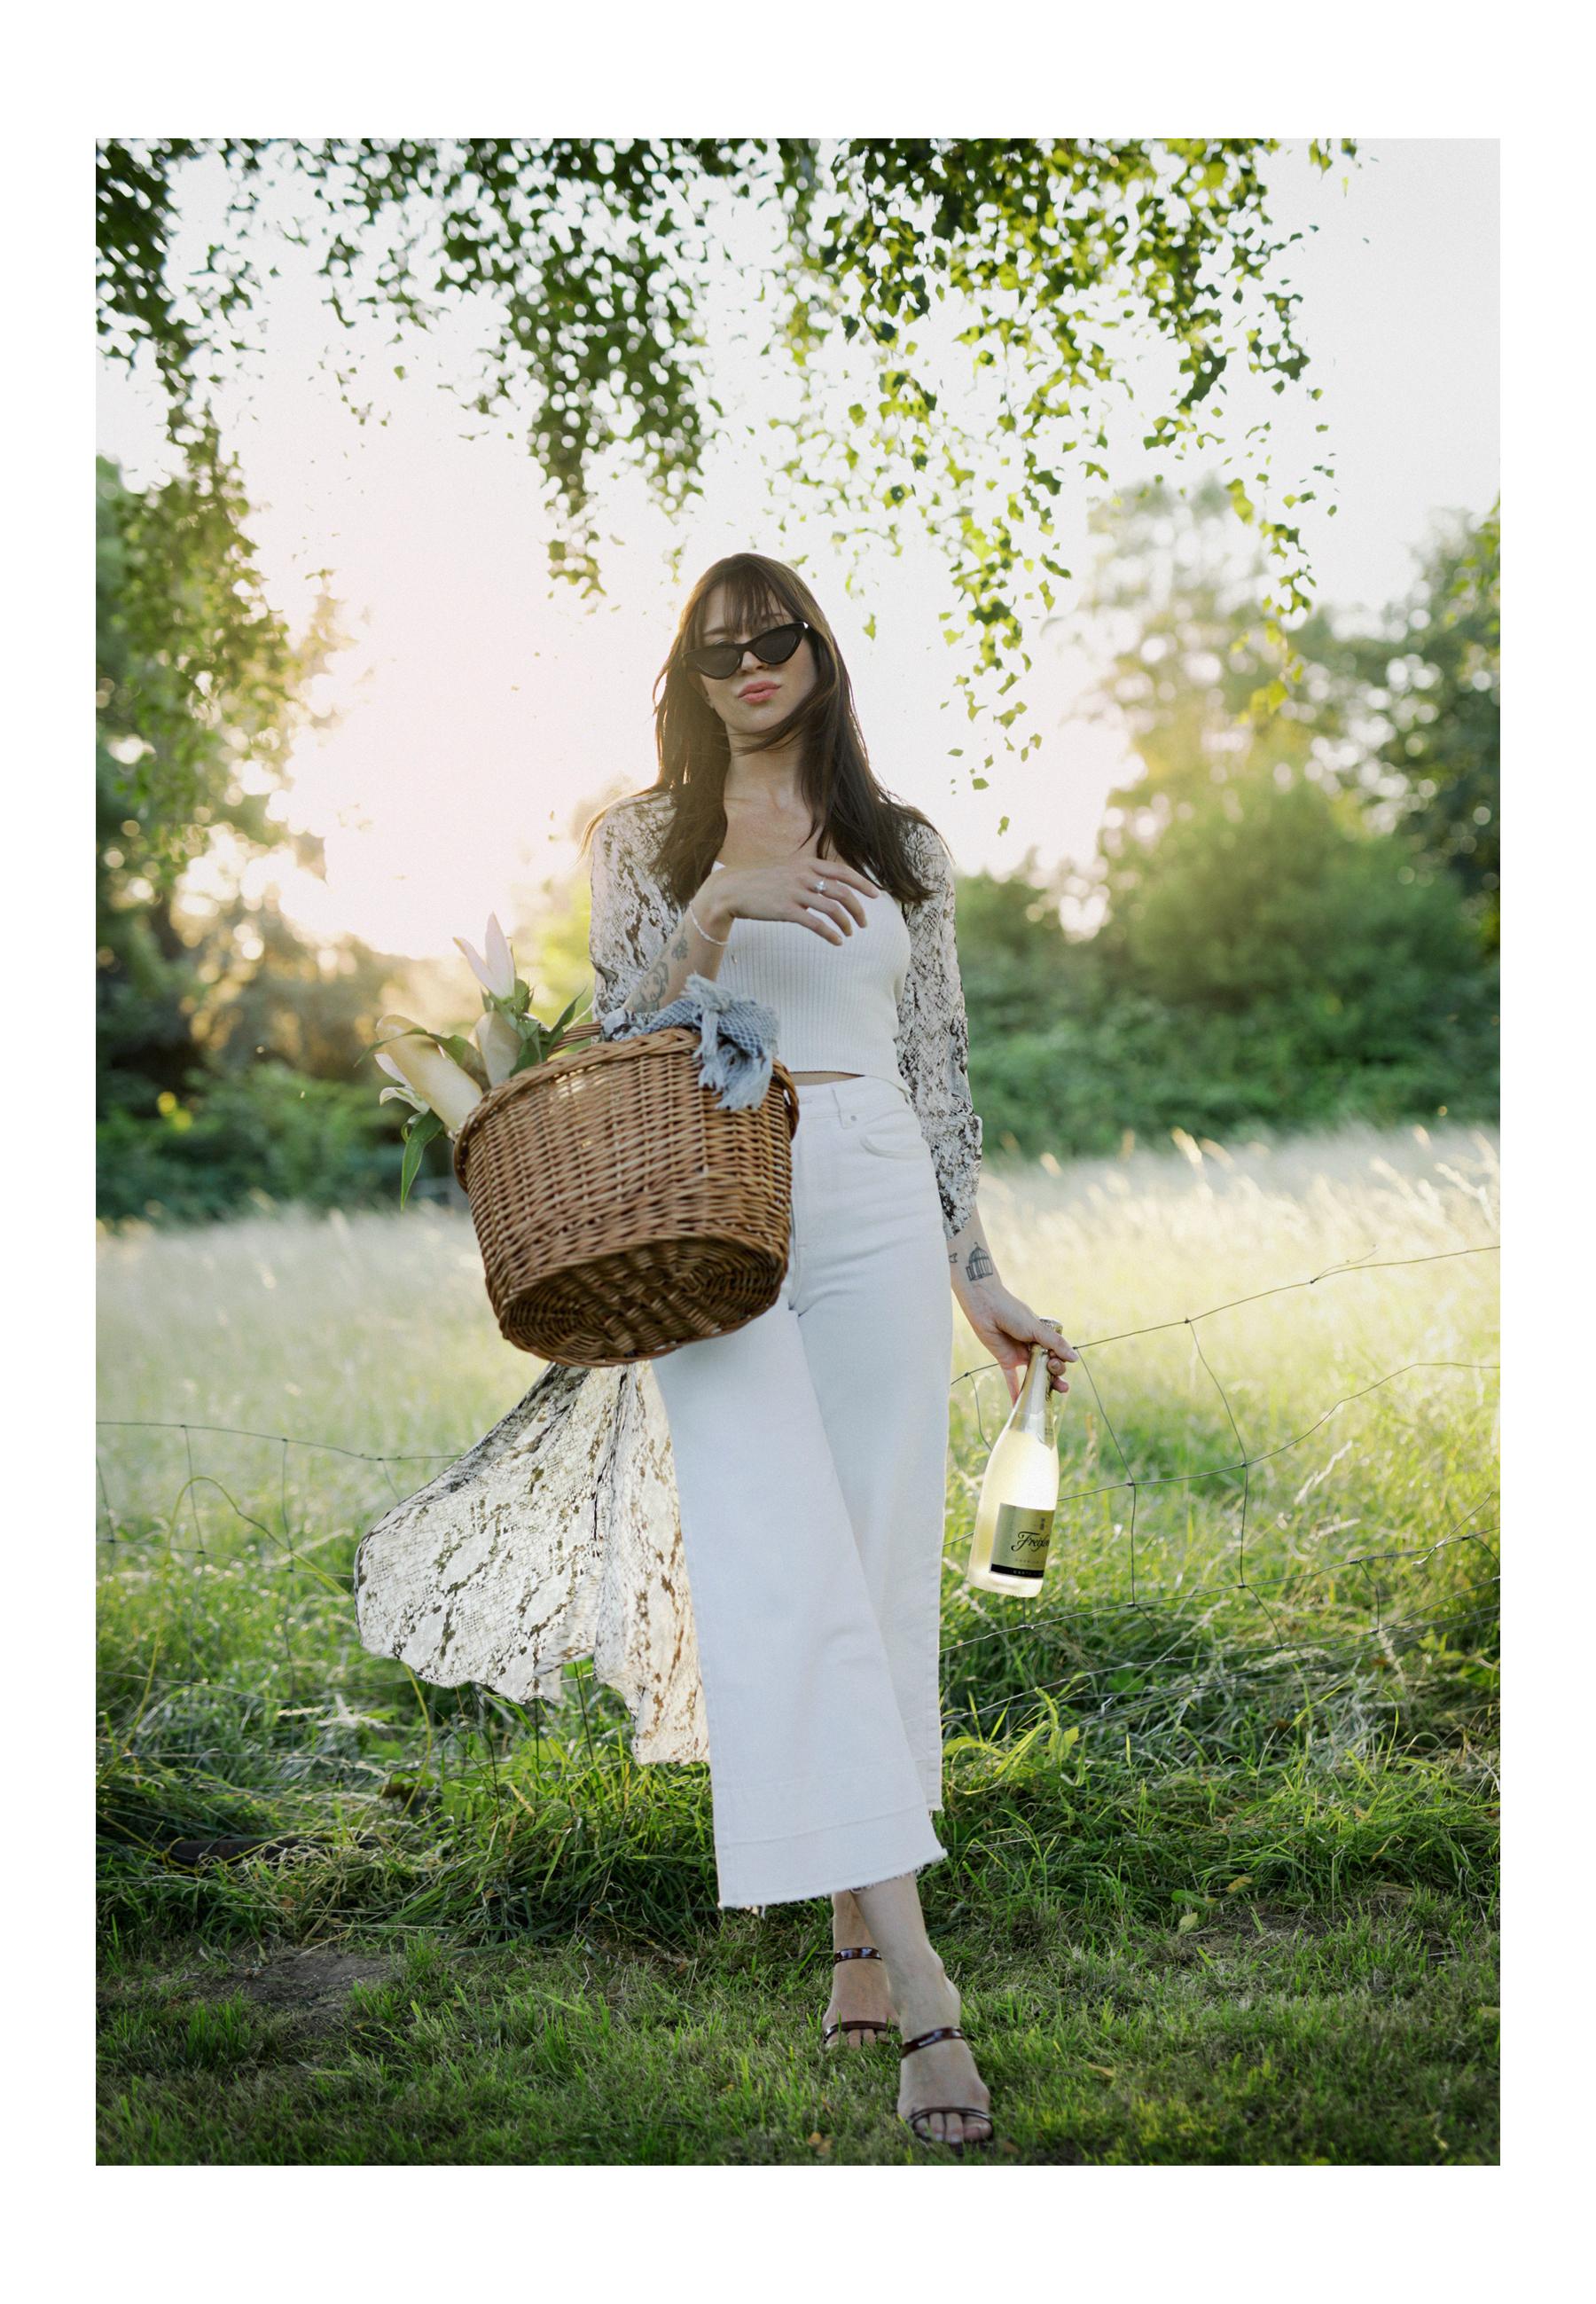 freixenet sommer auf euch frauen picnic couple lovers sunset cava schaumwein hochsommer modeblog modeblogger styleblog fashionbloggers catsanddogsblog max bechmann ricarda schernus düsseldorf 7